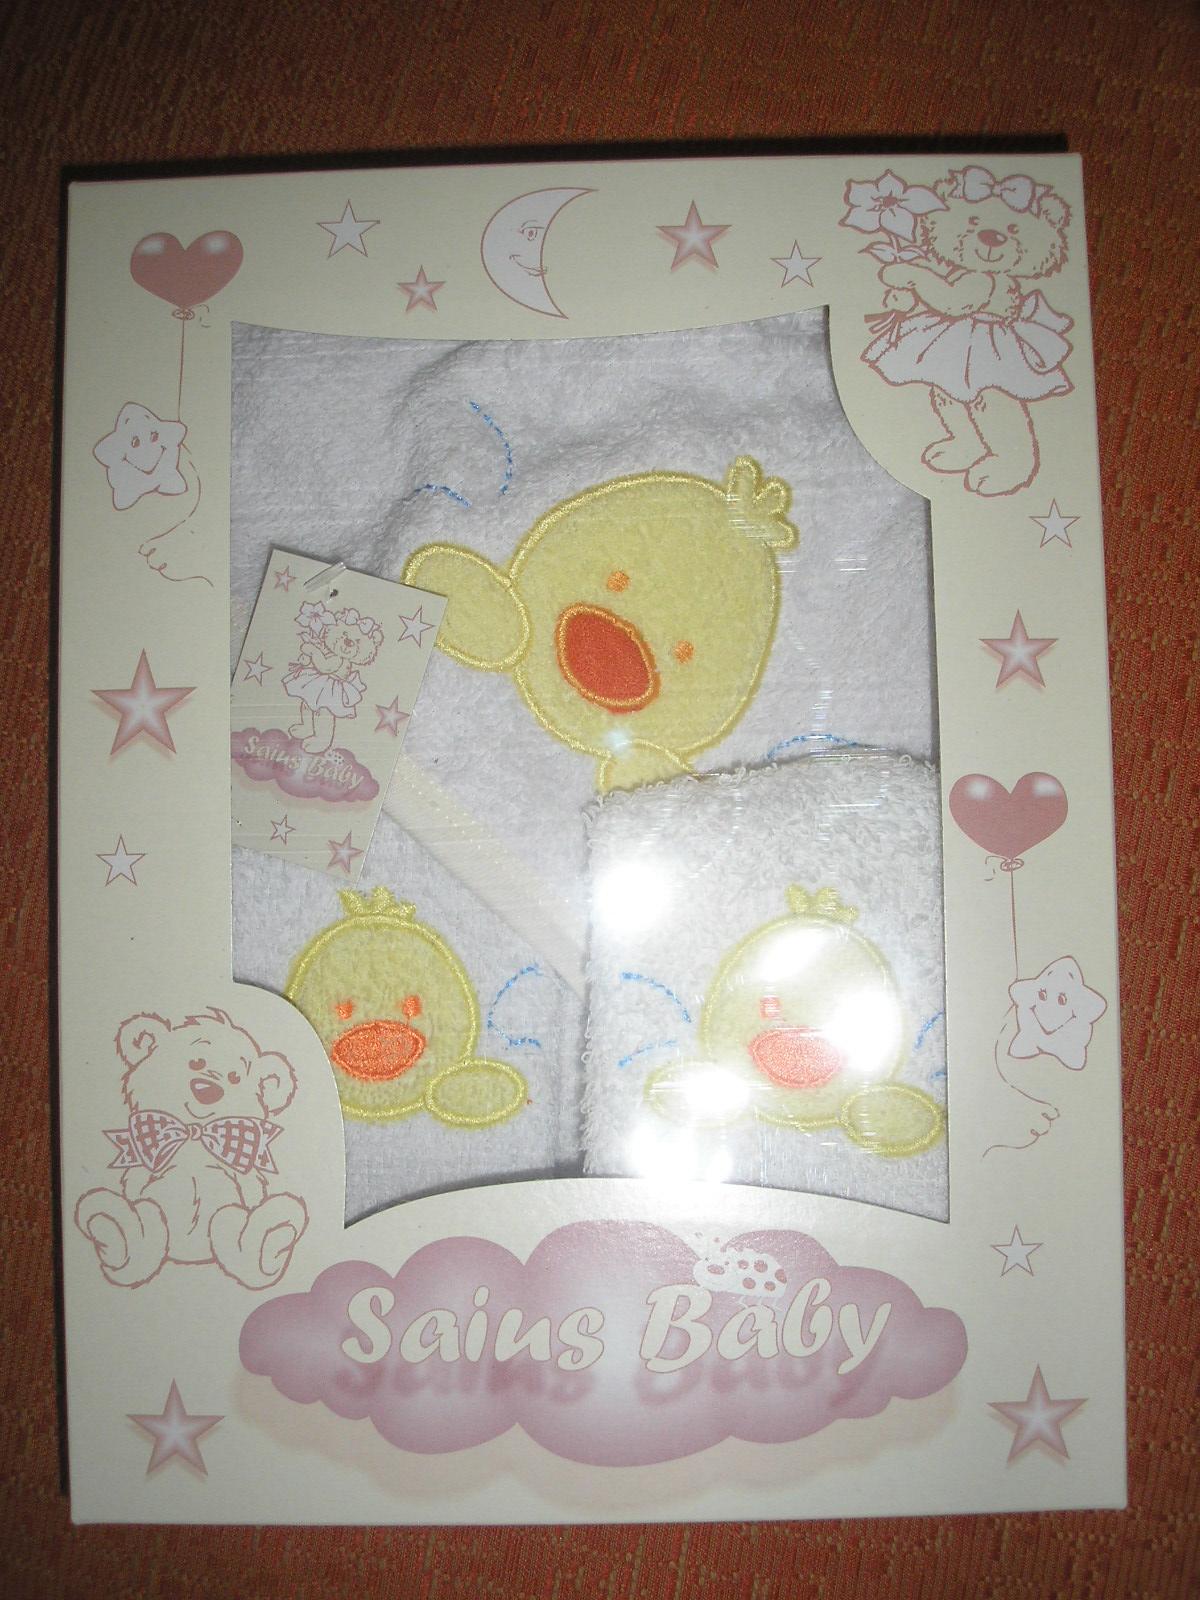 Paula cher ropa de bebe set de toalla para bebes patito for Apliques para toallas